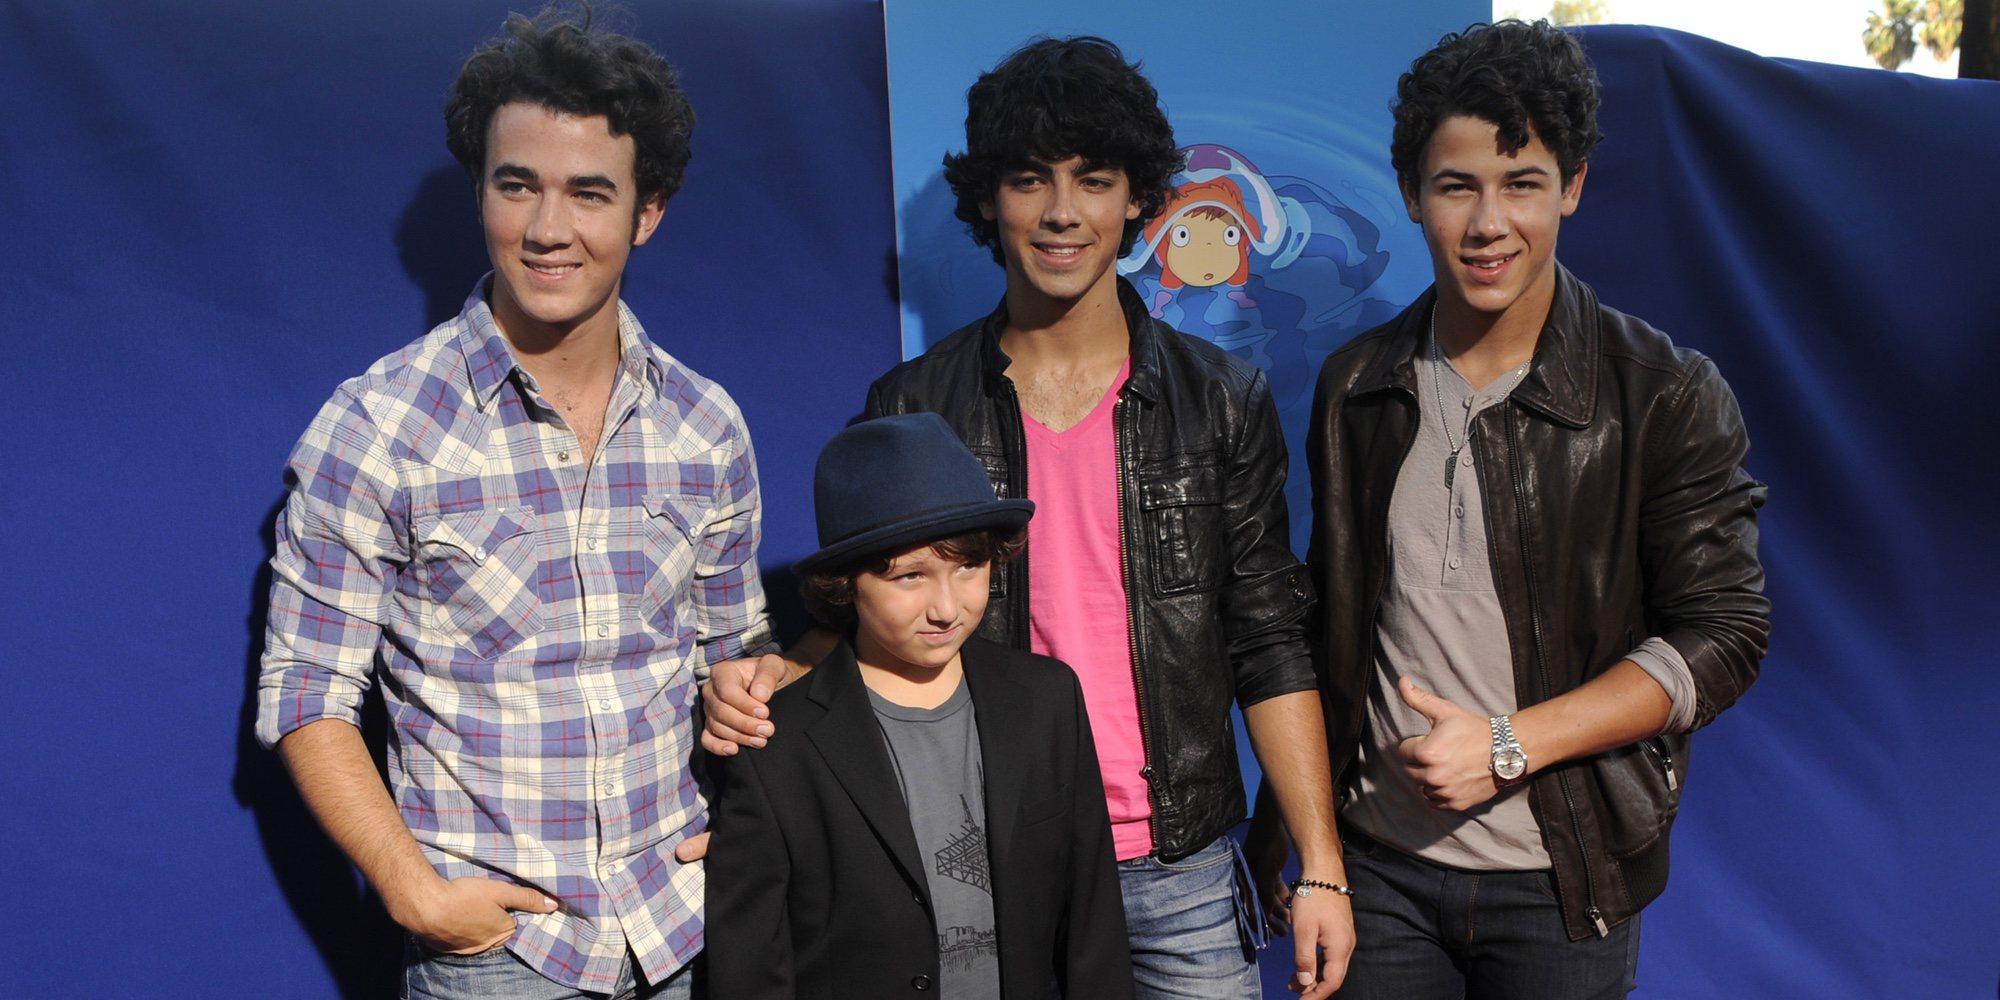 Fama, música y éxito: Así son y así se llevan Kevin, Nick, Joe y Frankie, los Jonas Brothers